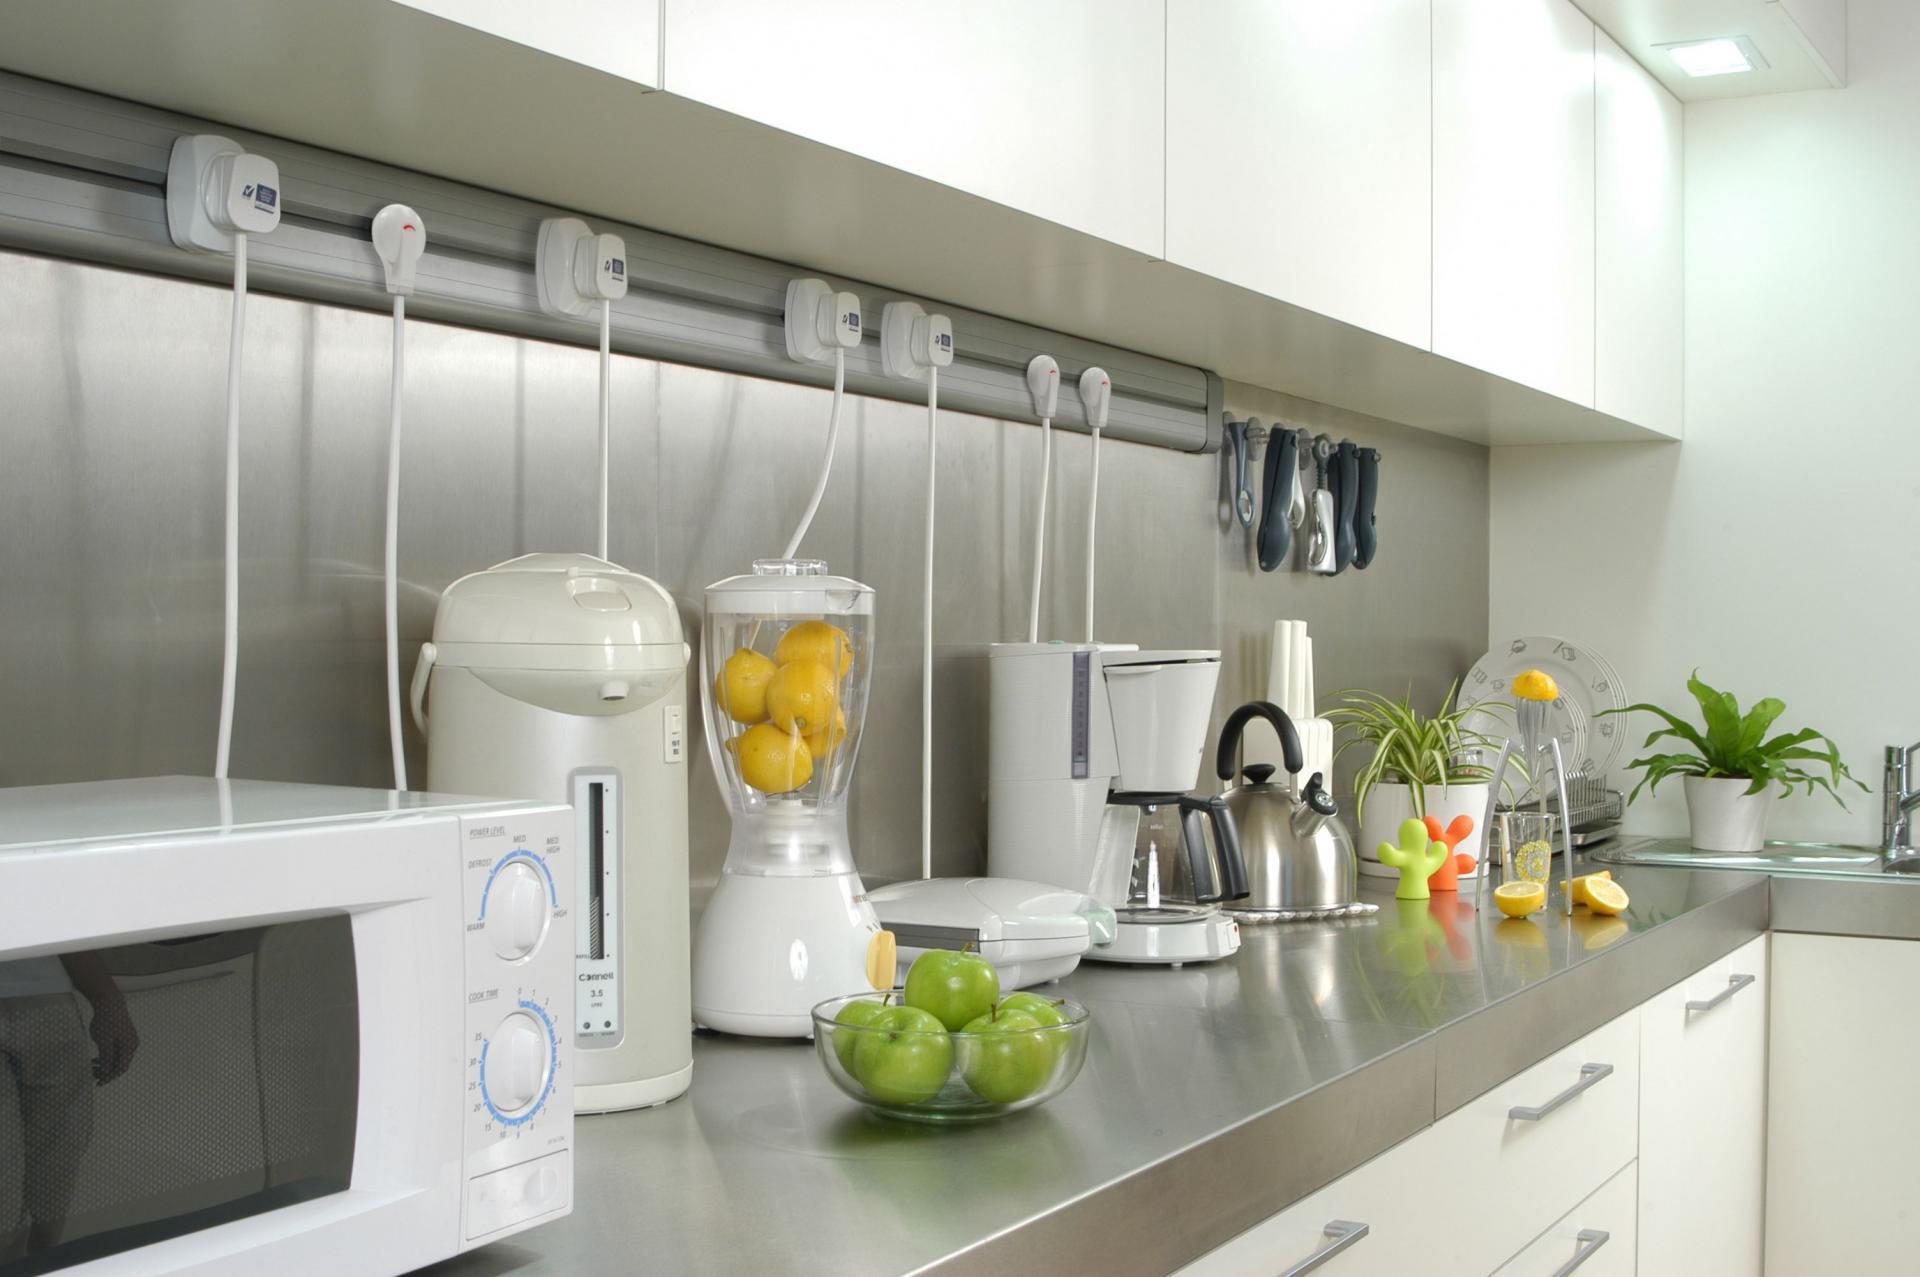 Электропроводка на кухне: какой она должна быть?